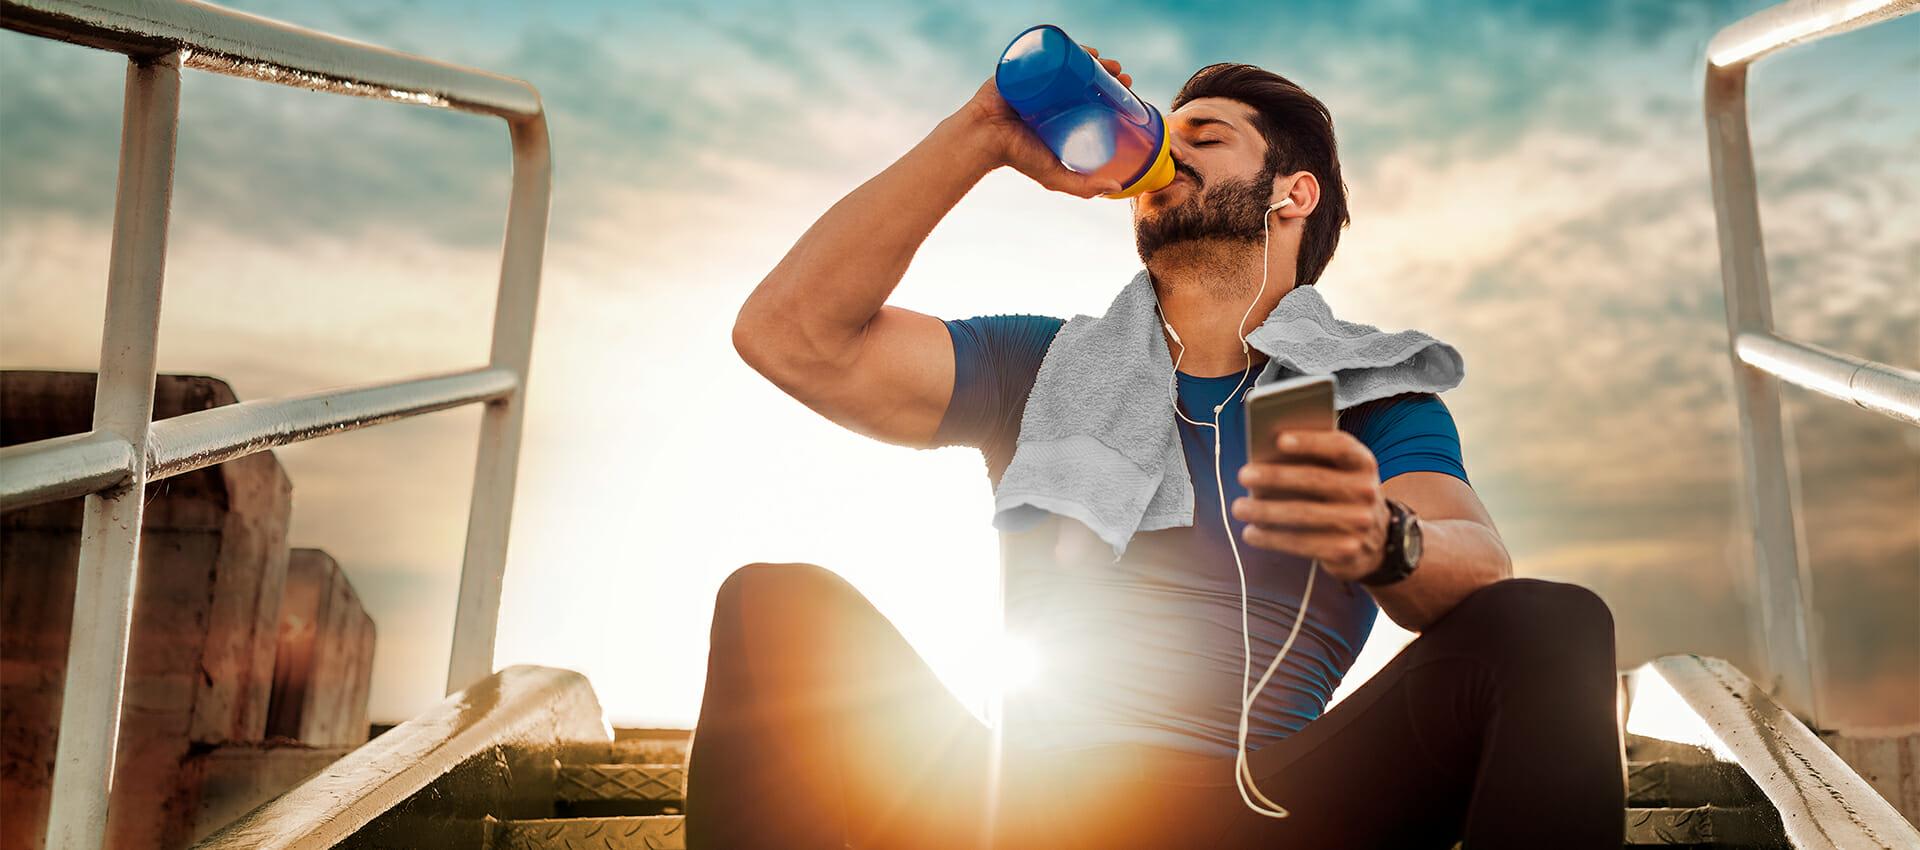 beber agua durante el deporte